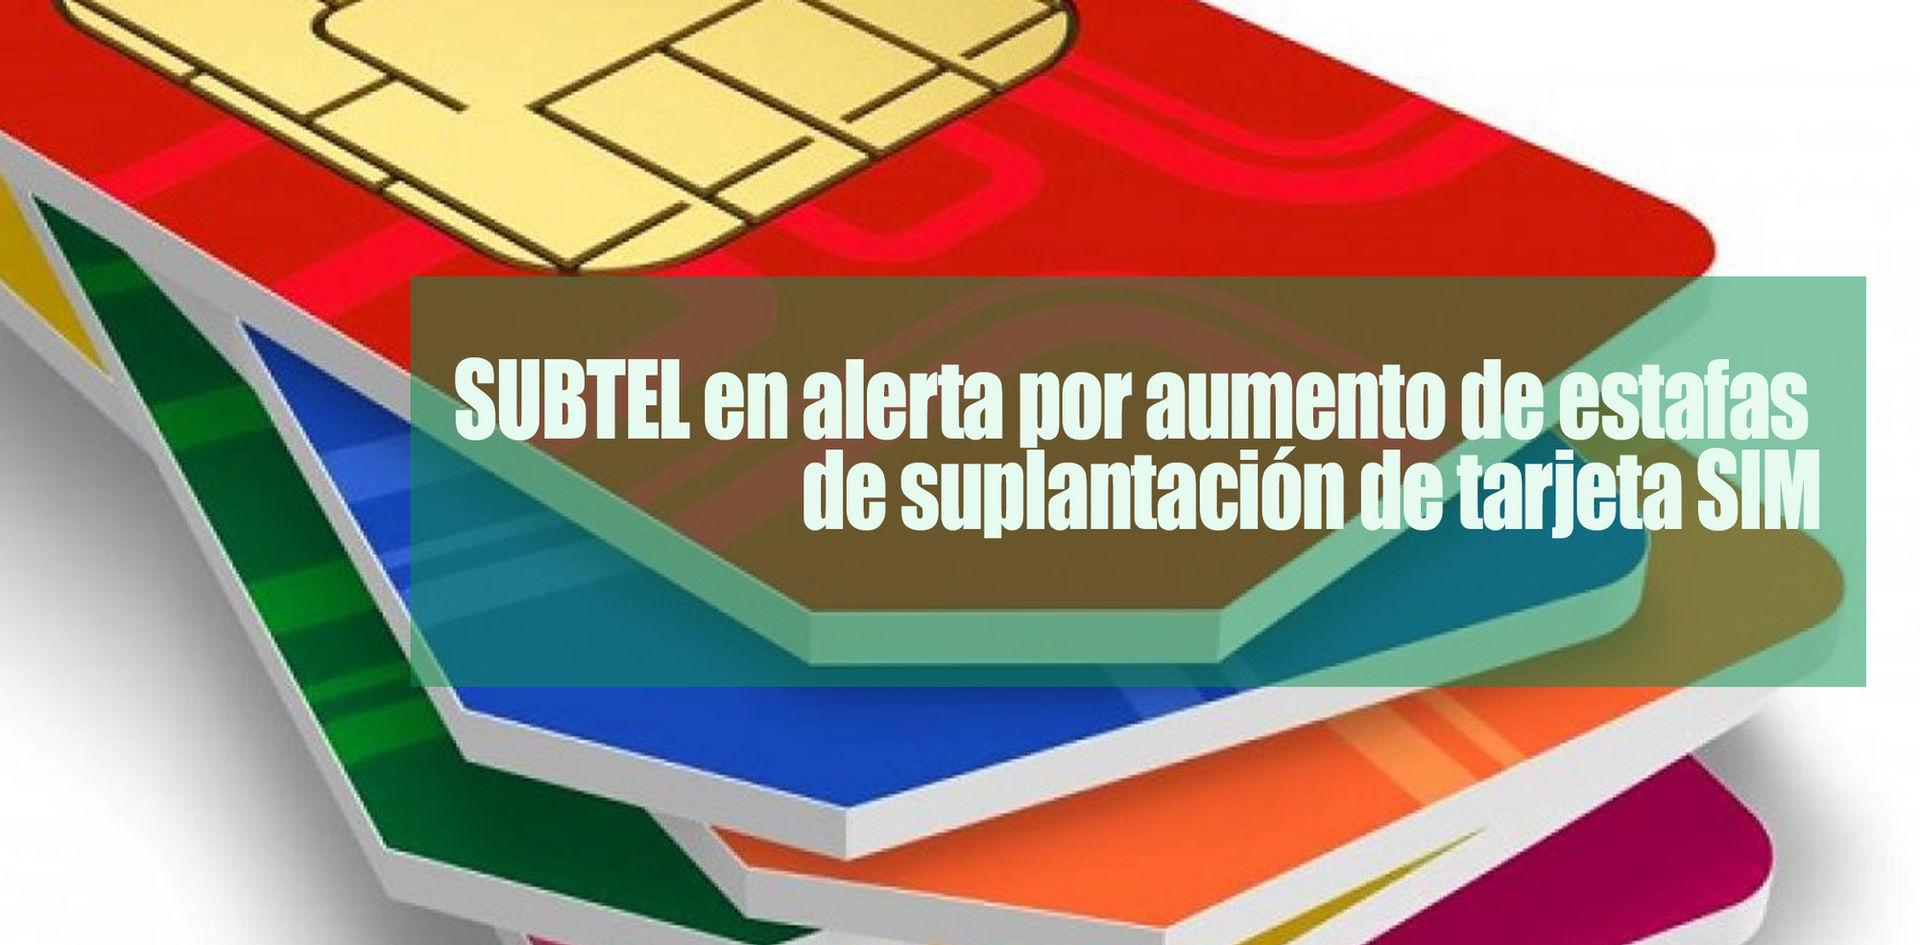 SUBTEL en alerta por aumento de estafas de suplantación de tarjeta SIM